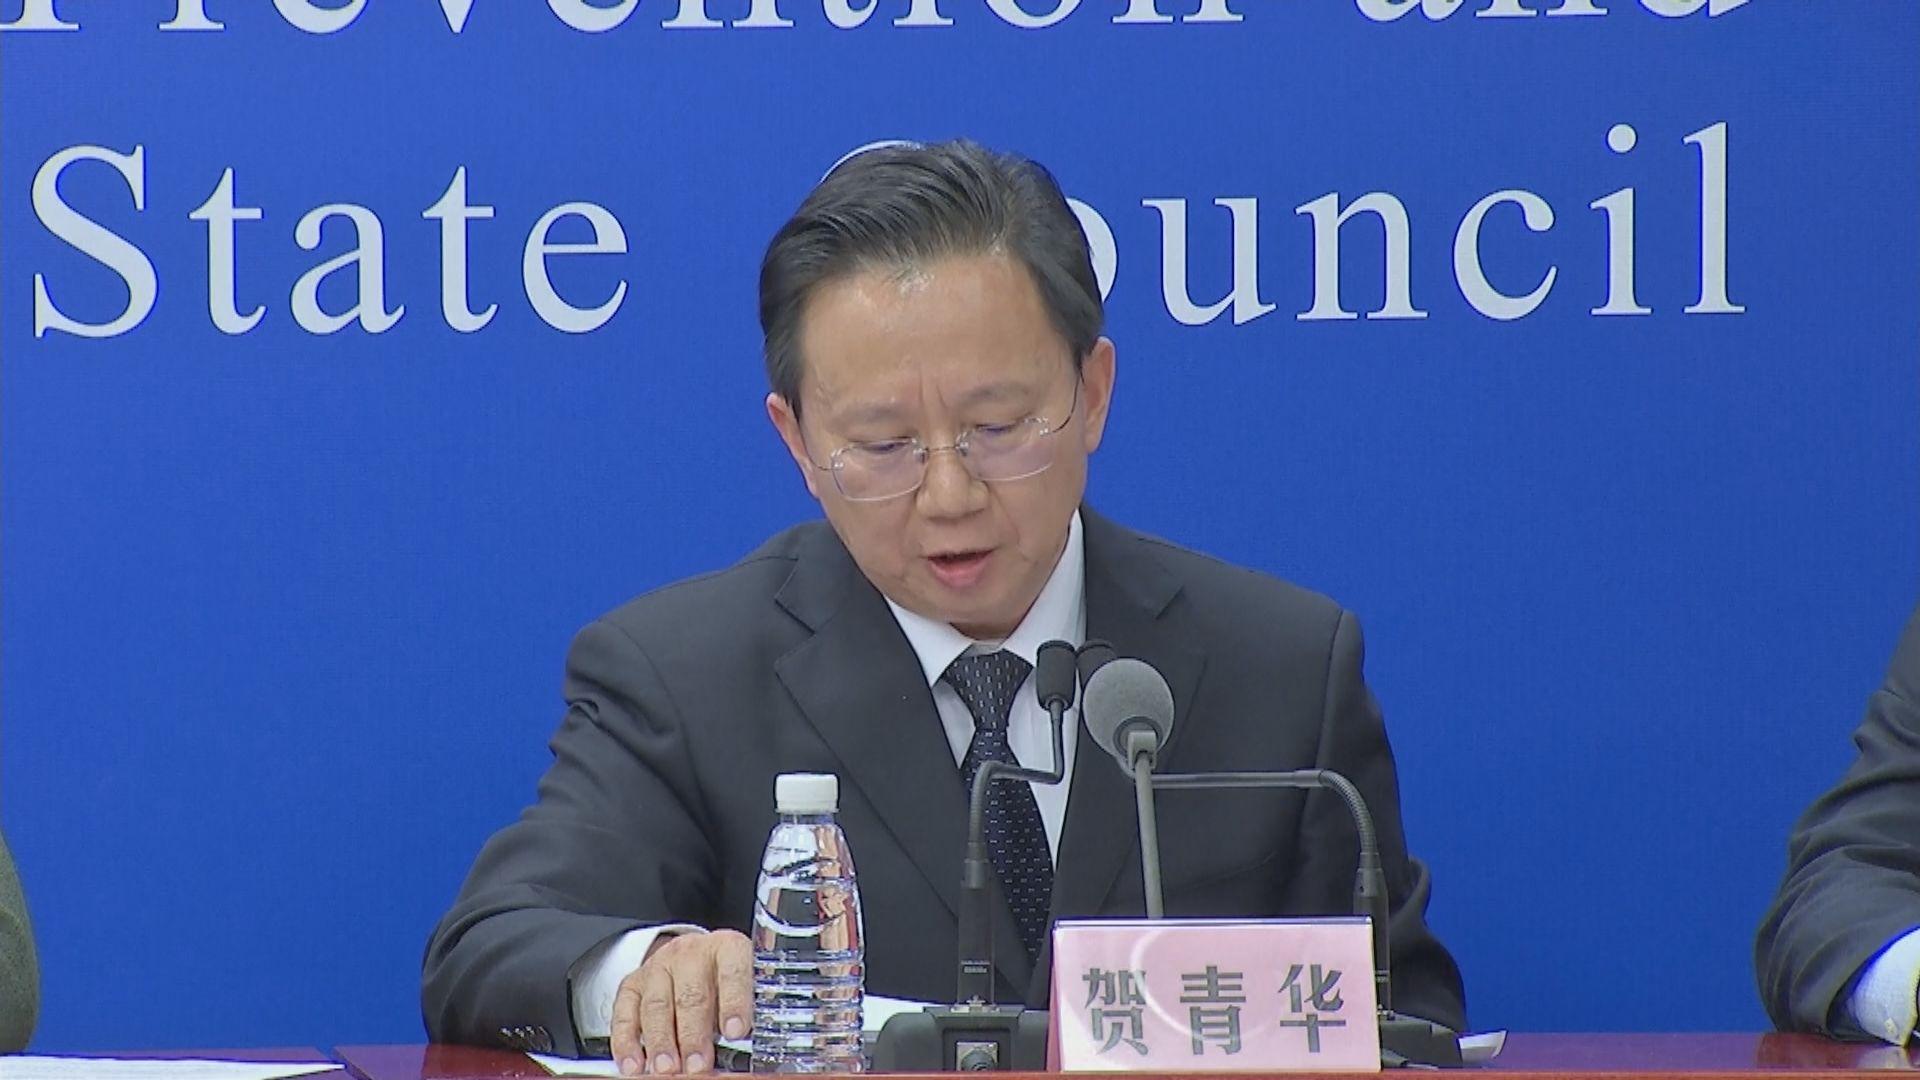 衞健委:防控形勢嚴峻複雜 將開展專項督查工作